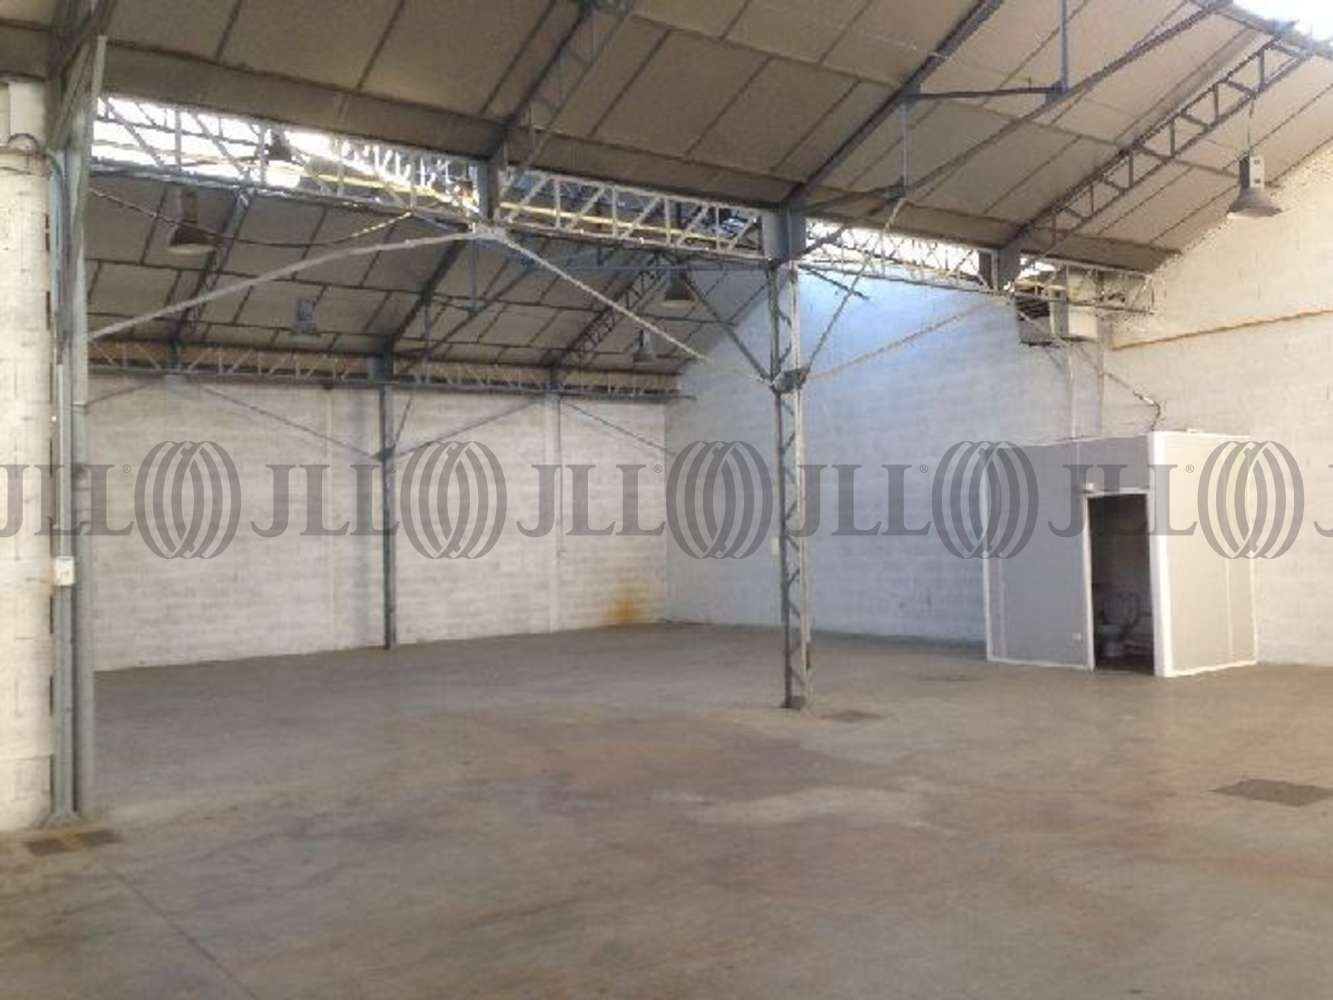 Activités/entrepôt Grigny, 69520 - Location entrepot Lyon / Grigny (Rhône) - 9539750